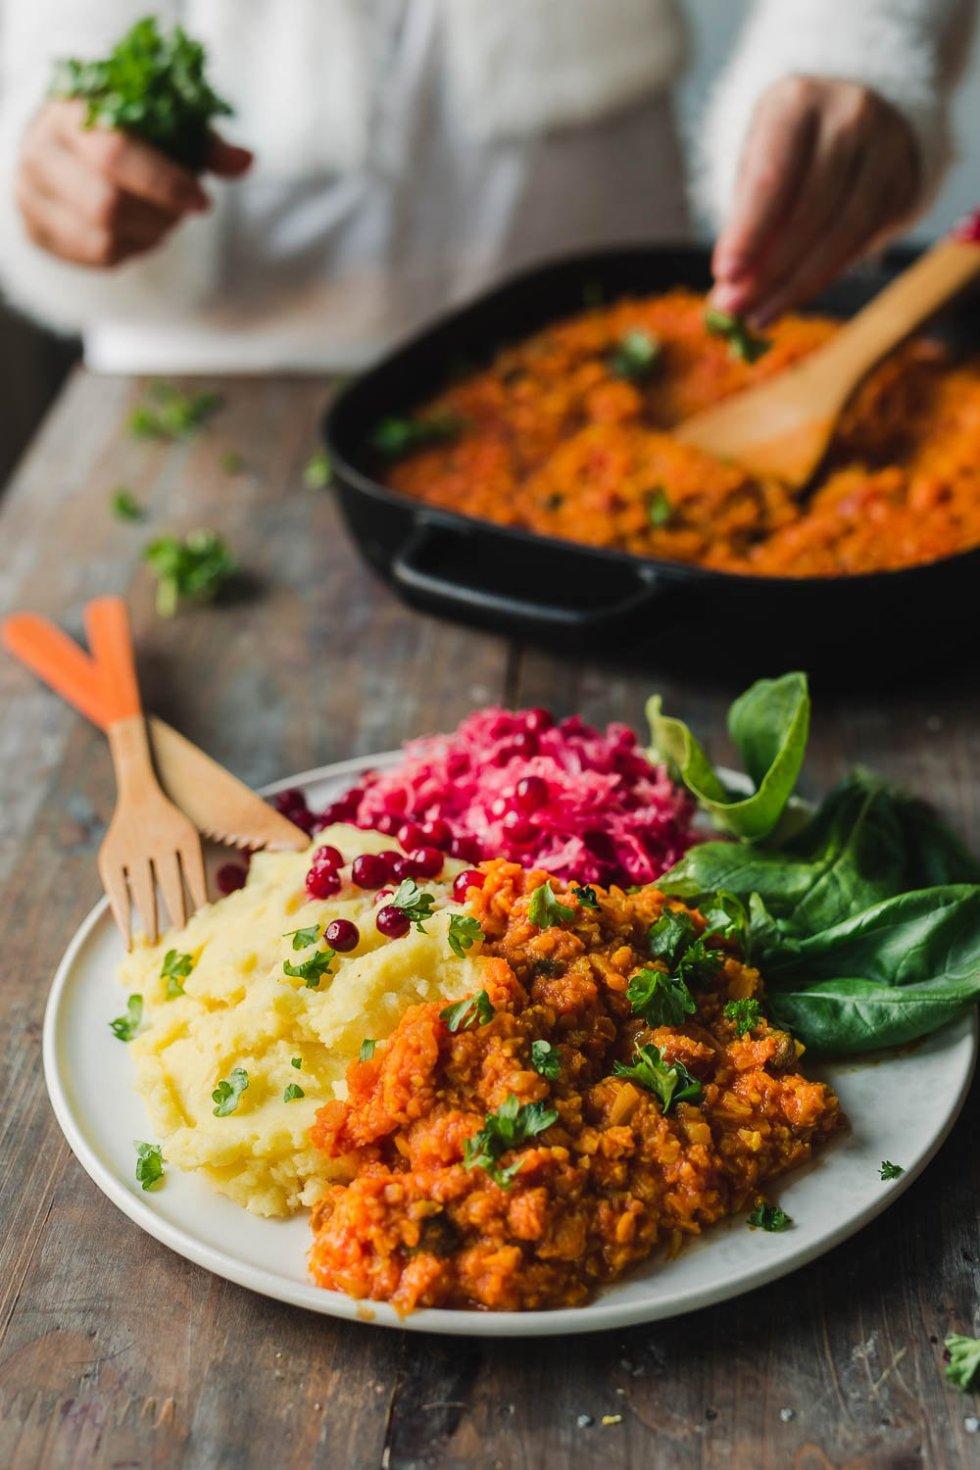 Cauliflower lentil bolognese